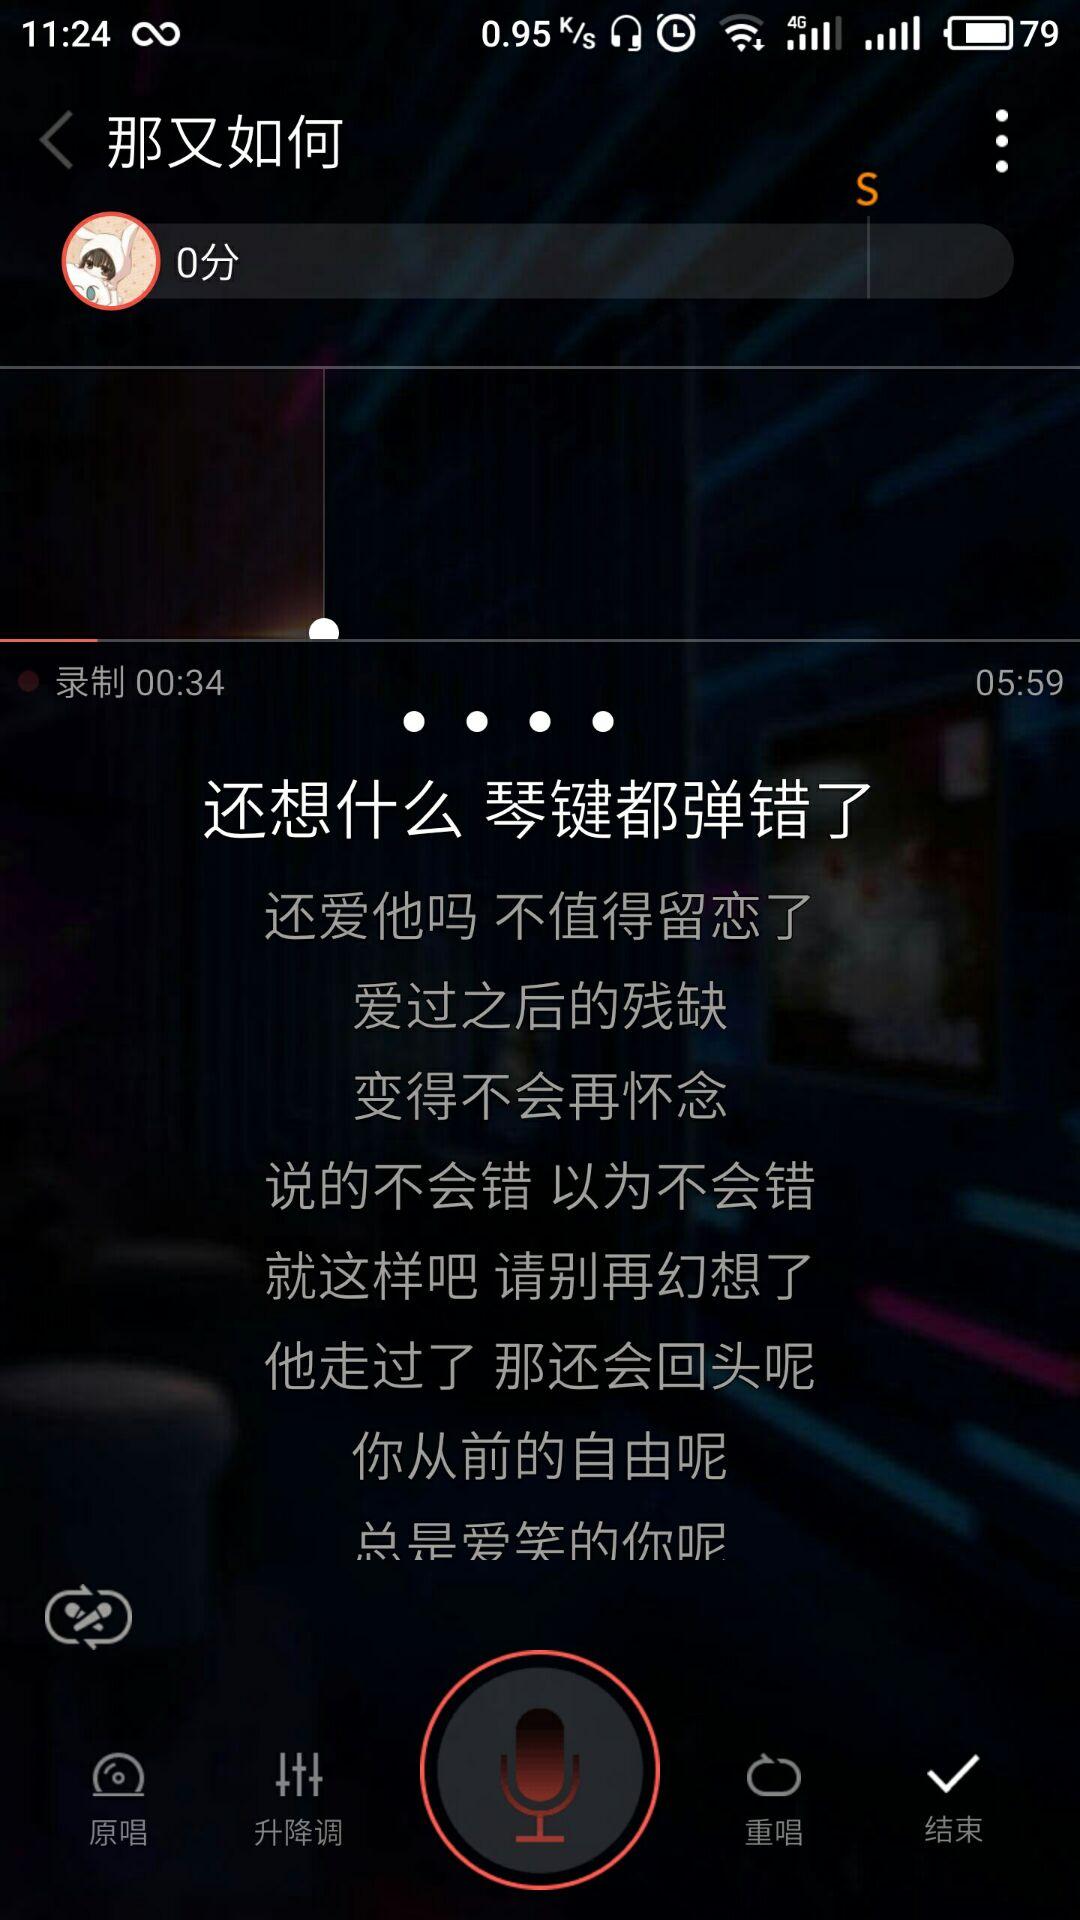 全民K歌官方客户端  v6.10.8.278截图